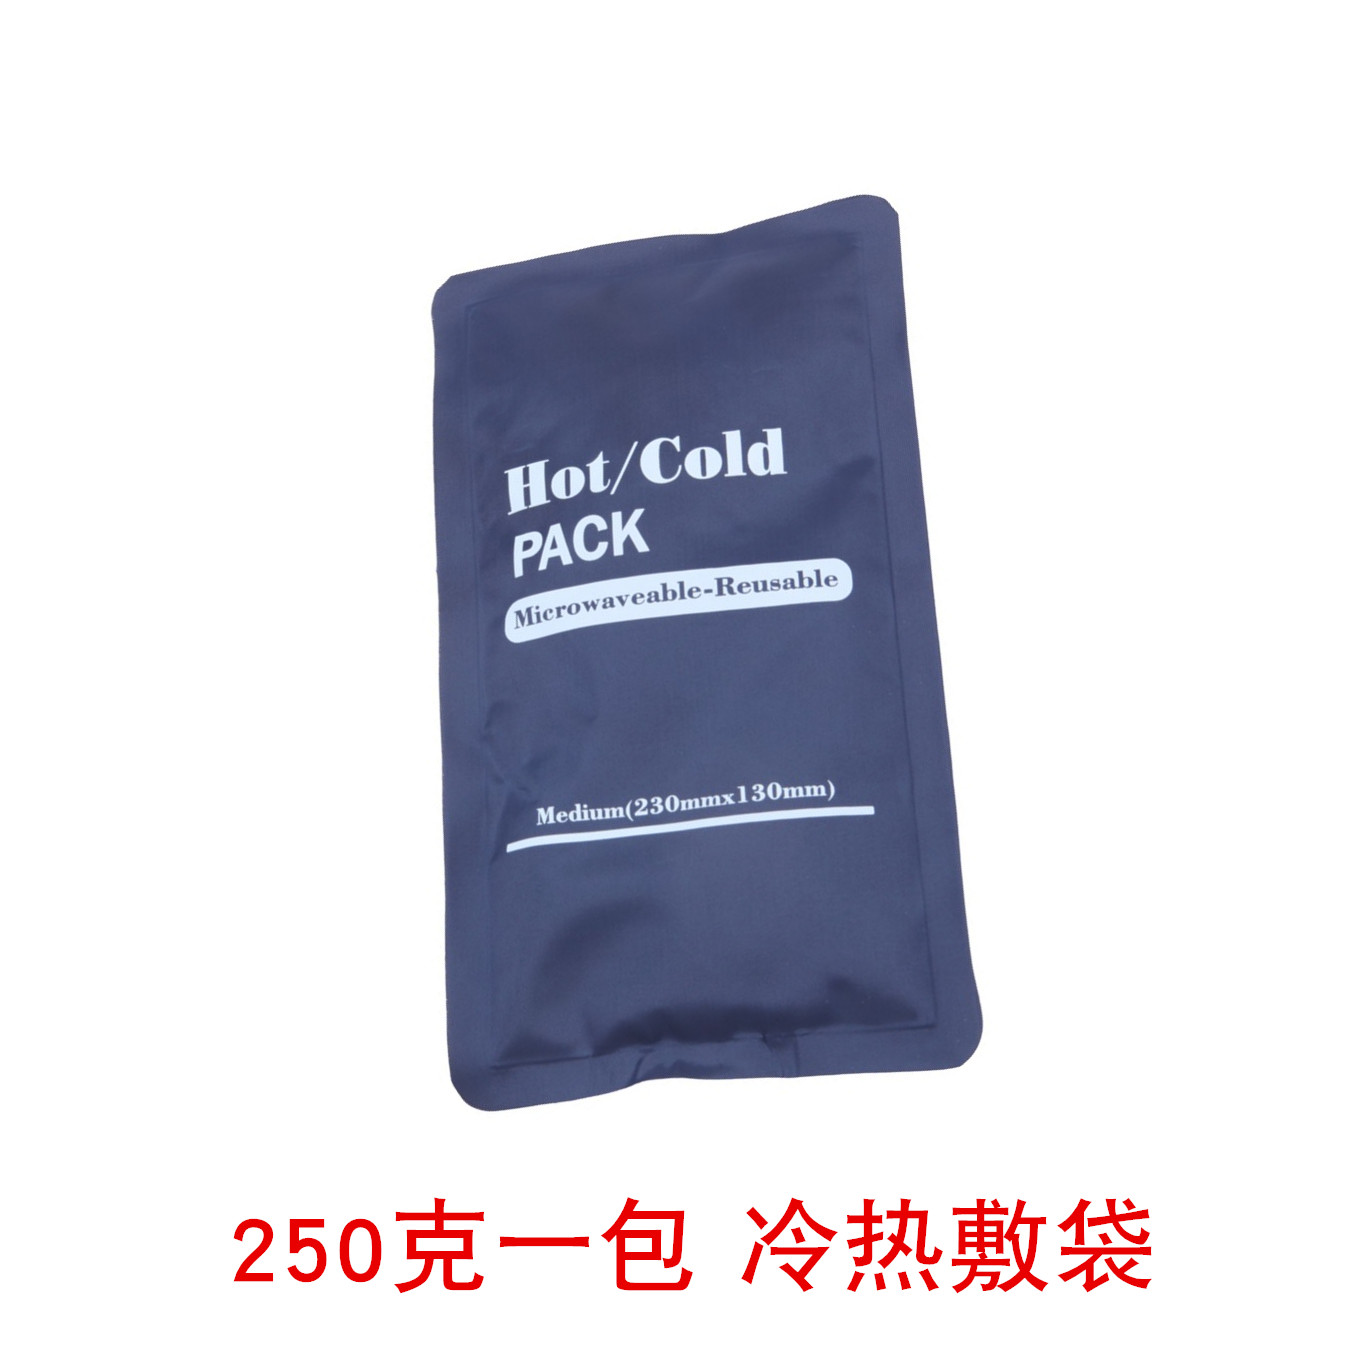 保溫冷暖兩用袋冷熱理療袋 冰袋運動 急救箱包冷熱敷袋可重複使用